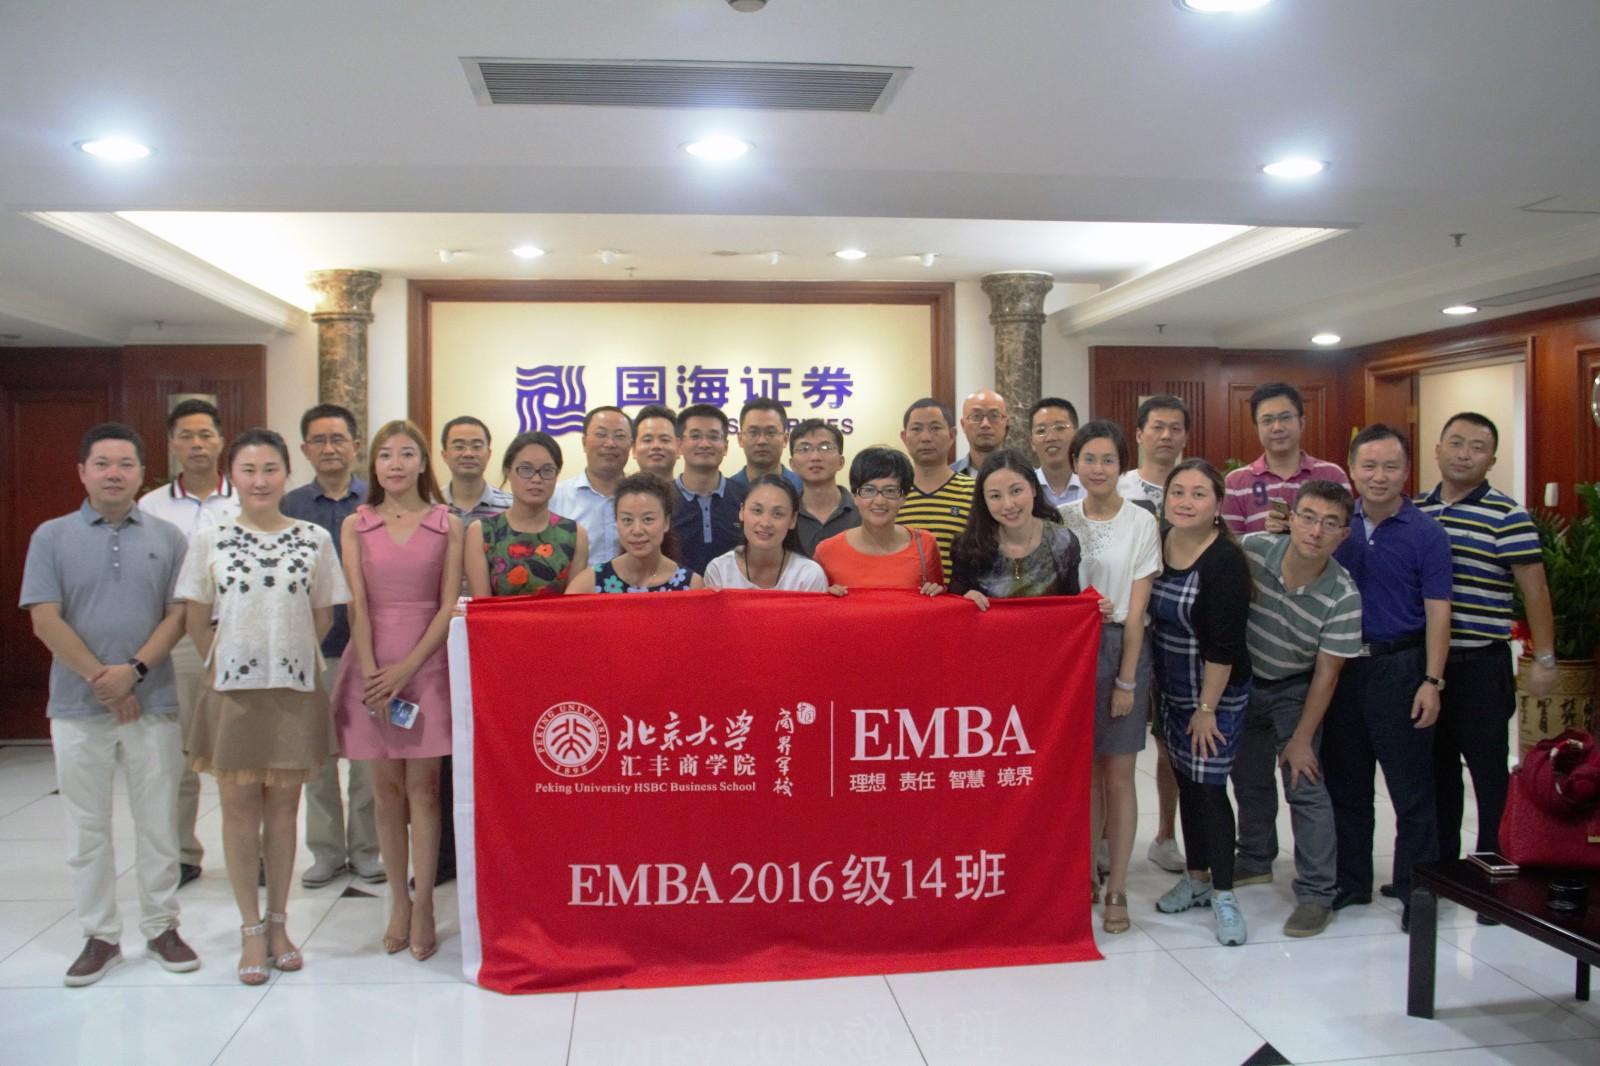 北大汇丰EMBA14班师生参访国海证券-北大汇丰EMBA14班师生参访国海证券